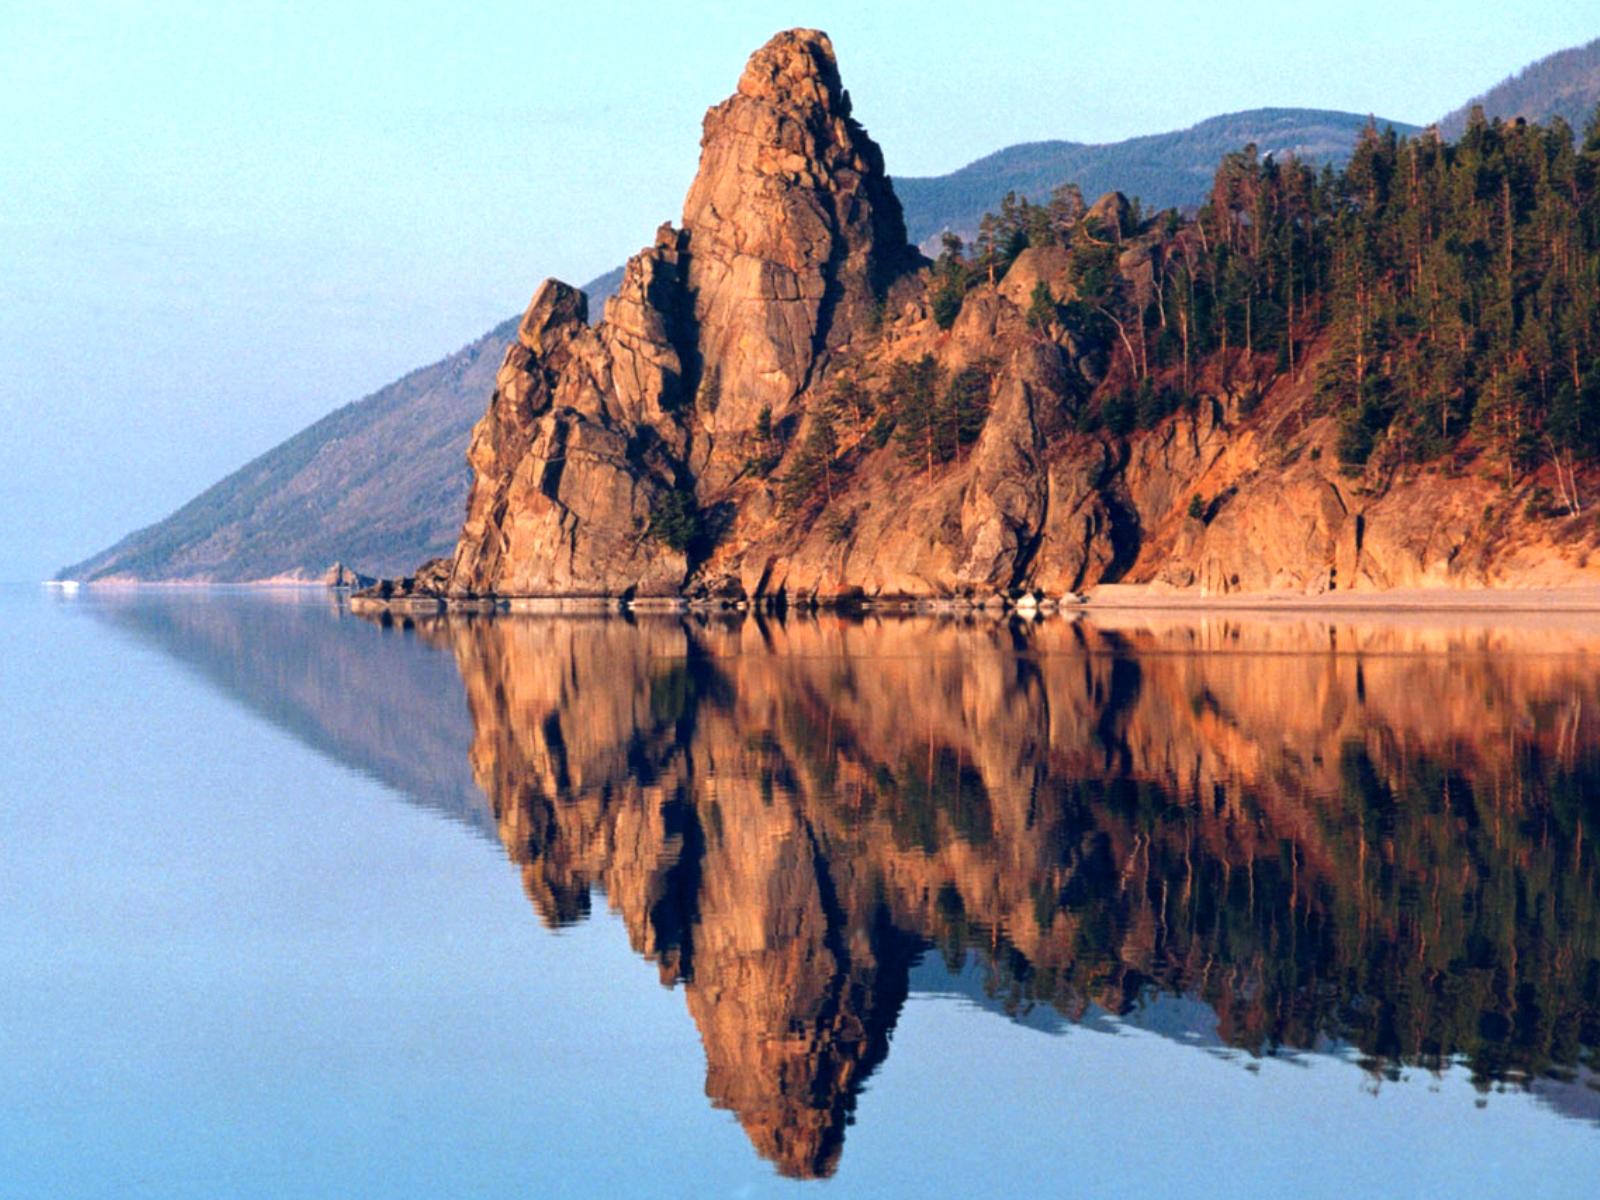 Скачать картинки озера байкал бесплатно 5